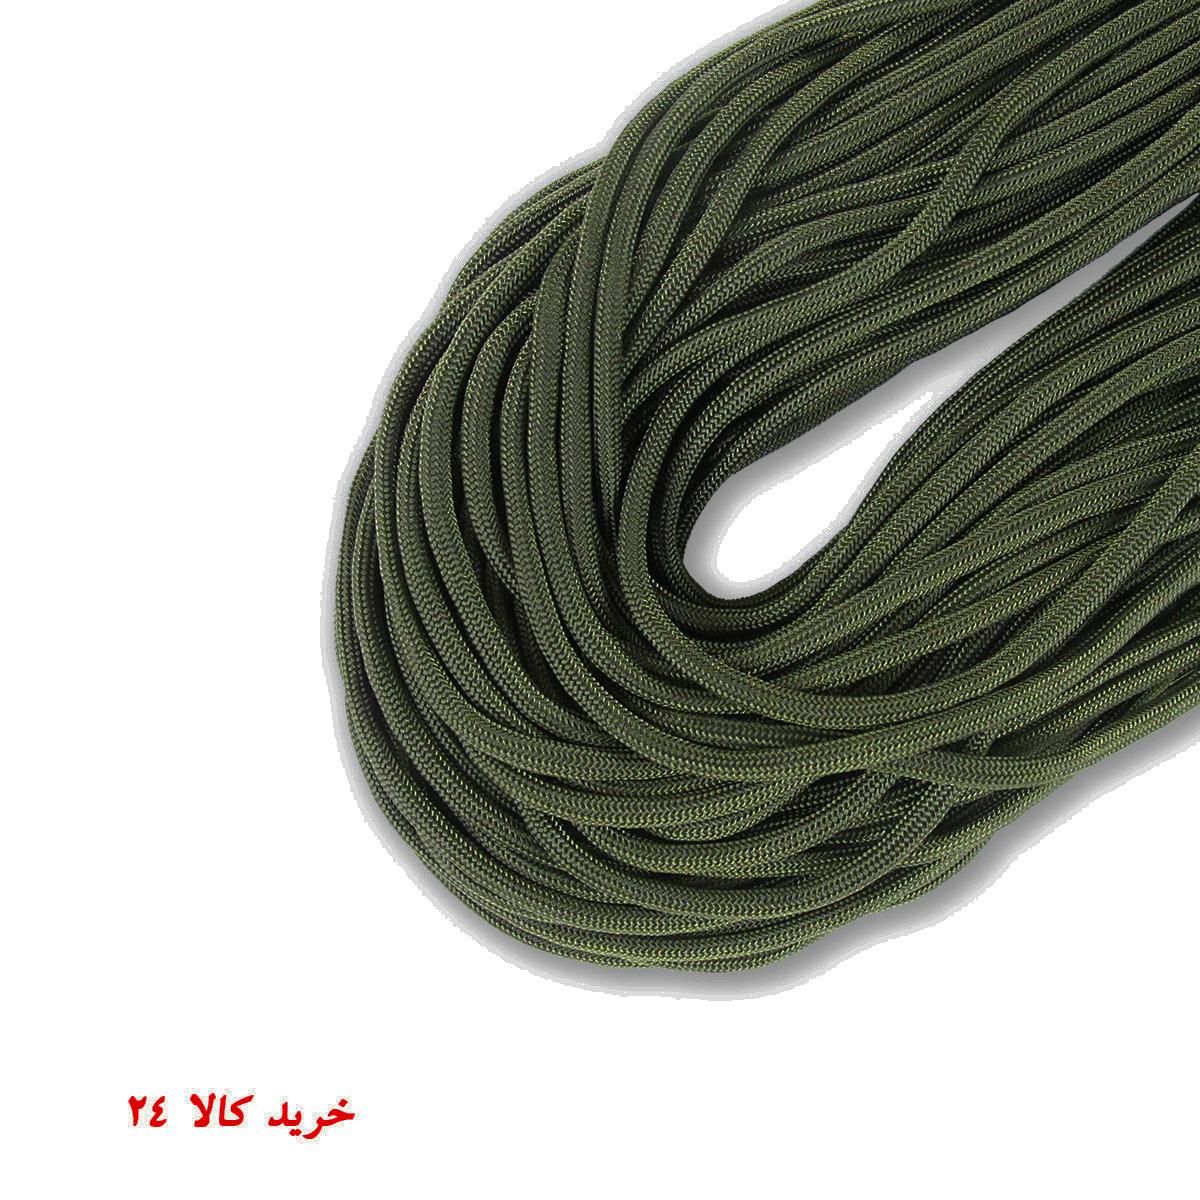 طناب پاراکورد آمریکایی سافت رنگ سبز